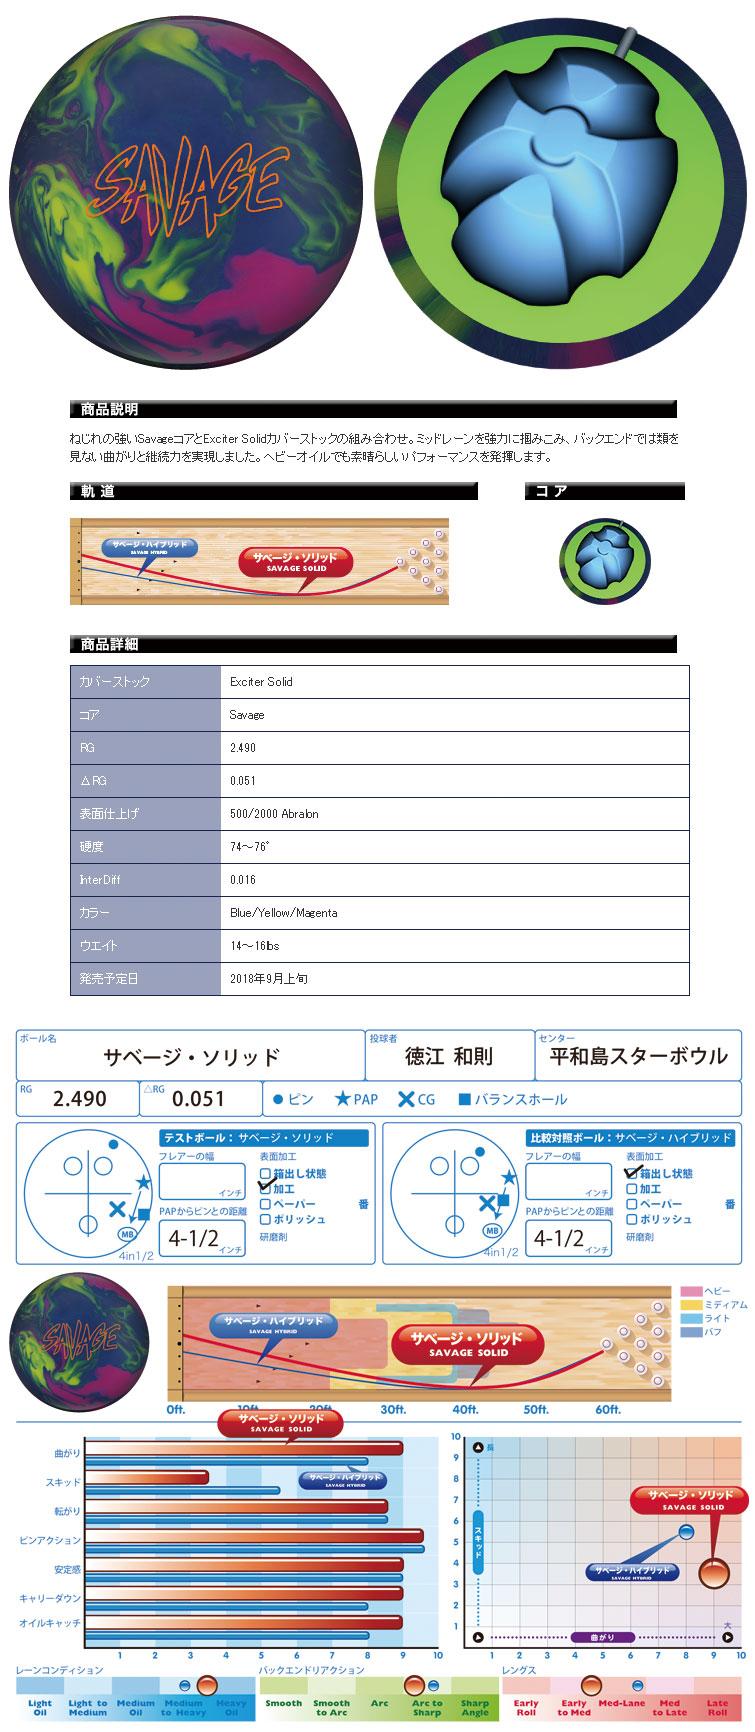 ボウリング用品 ボウリングボールCOLUMBIA300 サベージソリッド SAVAGE SOLID